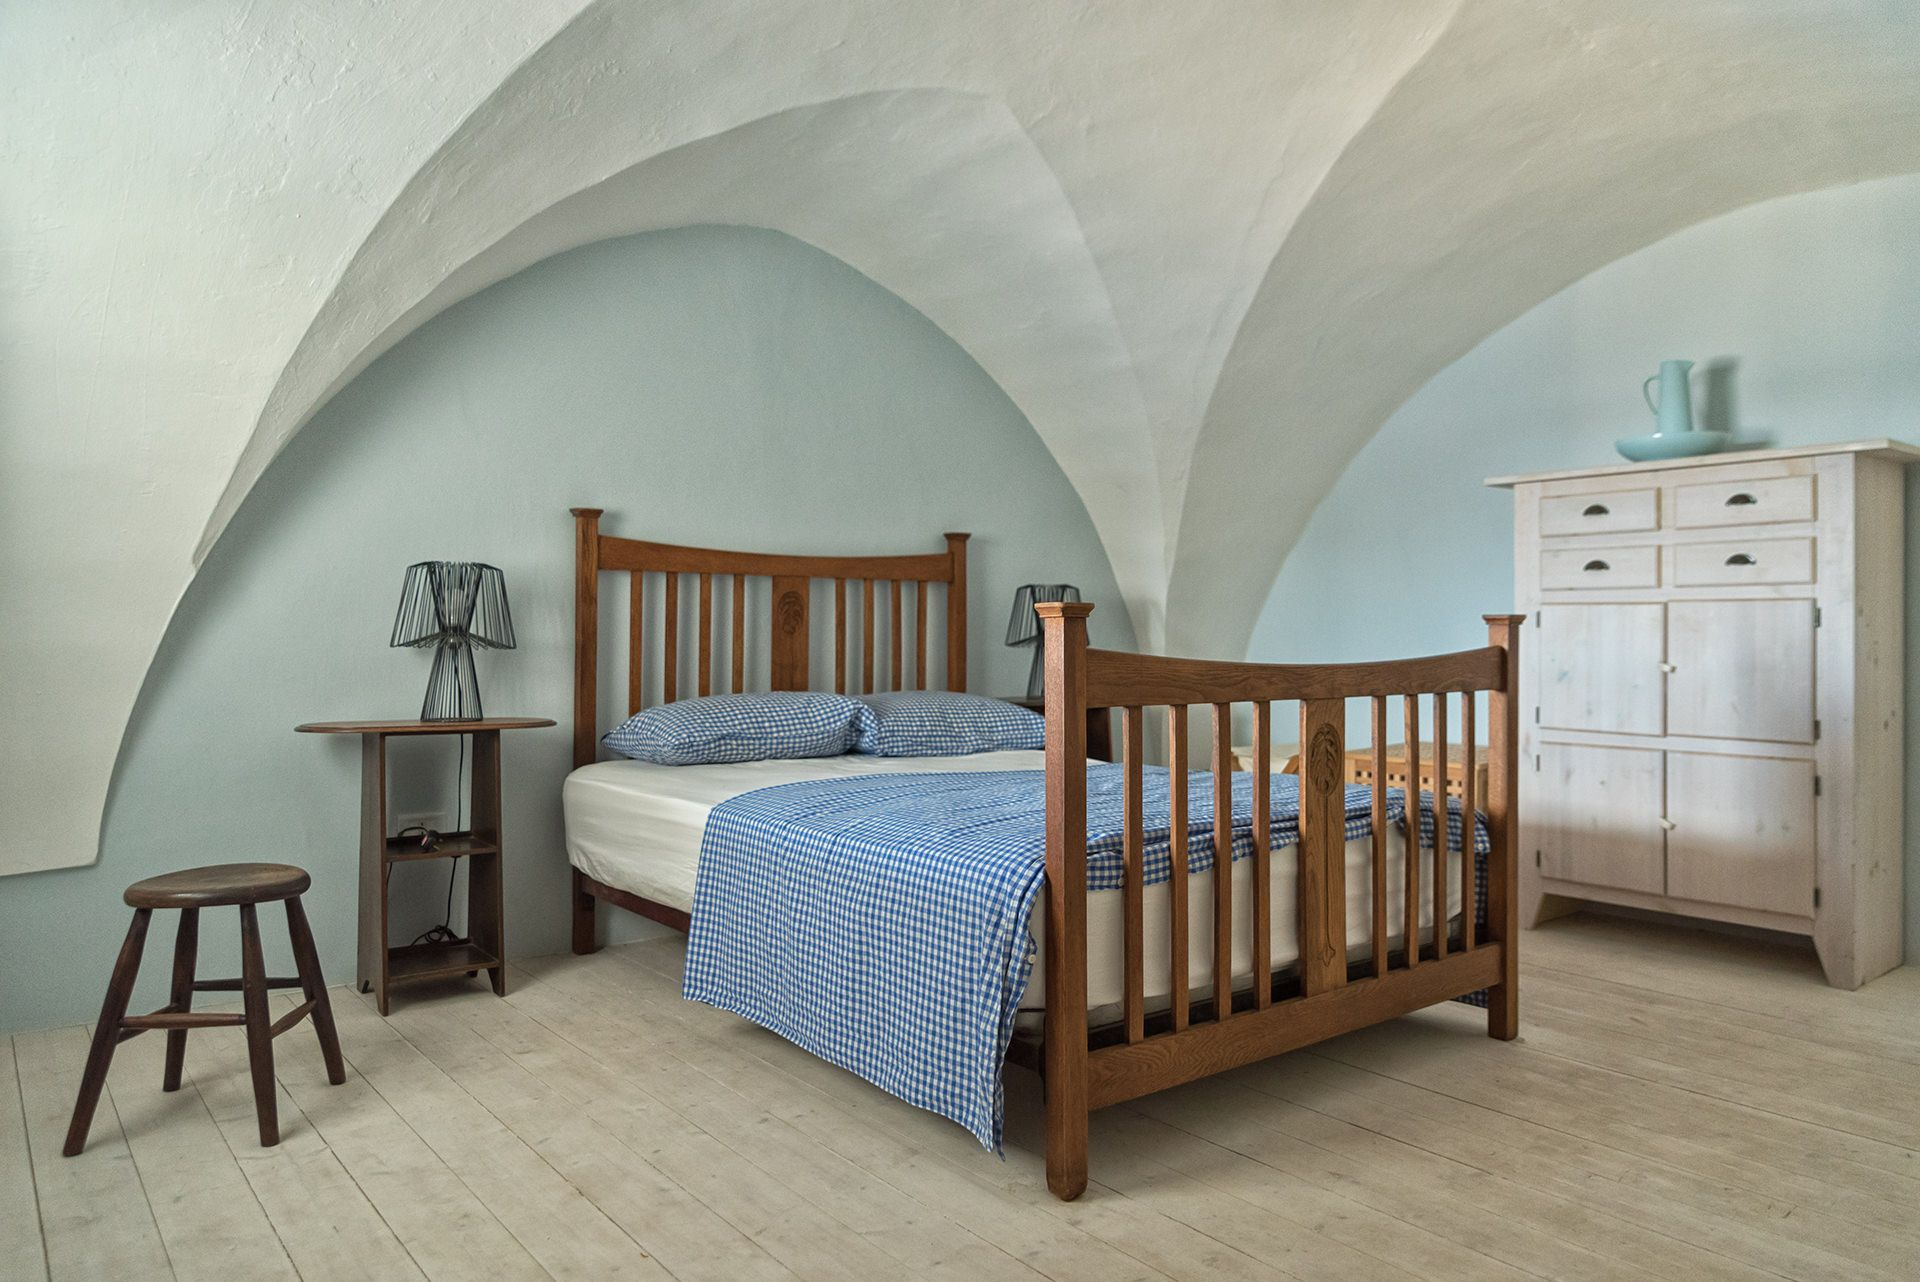 Appartamenti Puglia Estates Home decor, Furniture, Home